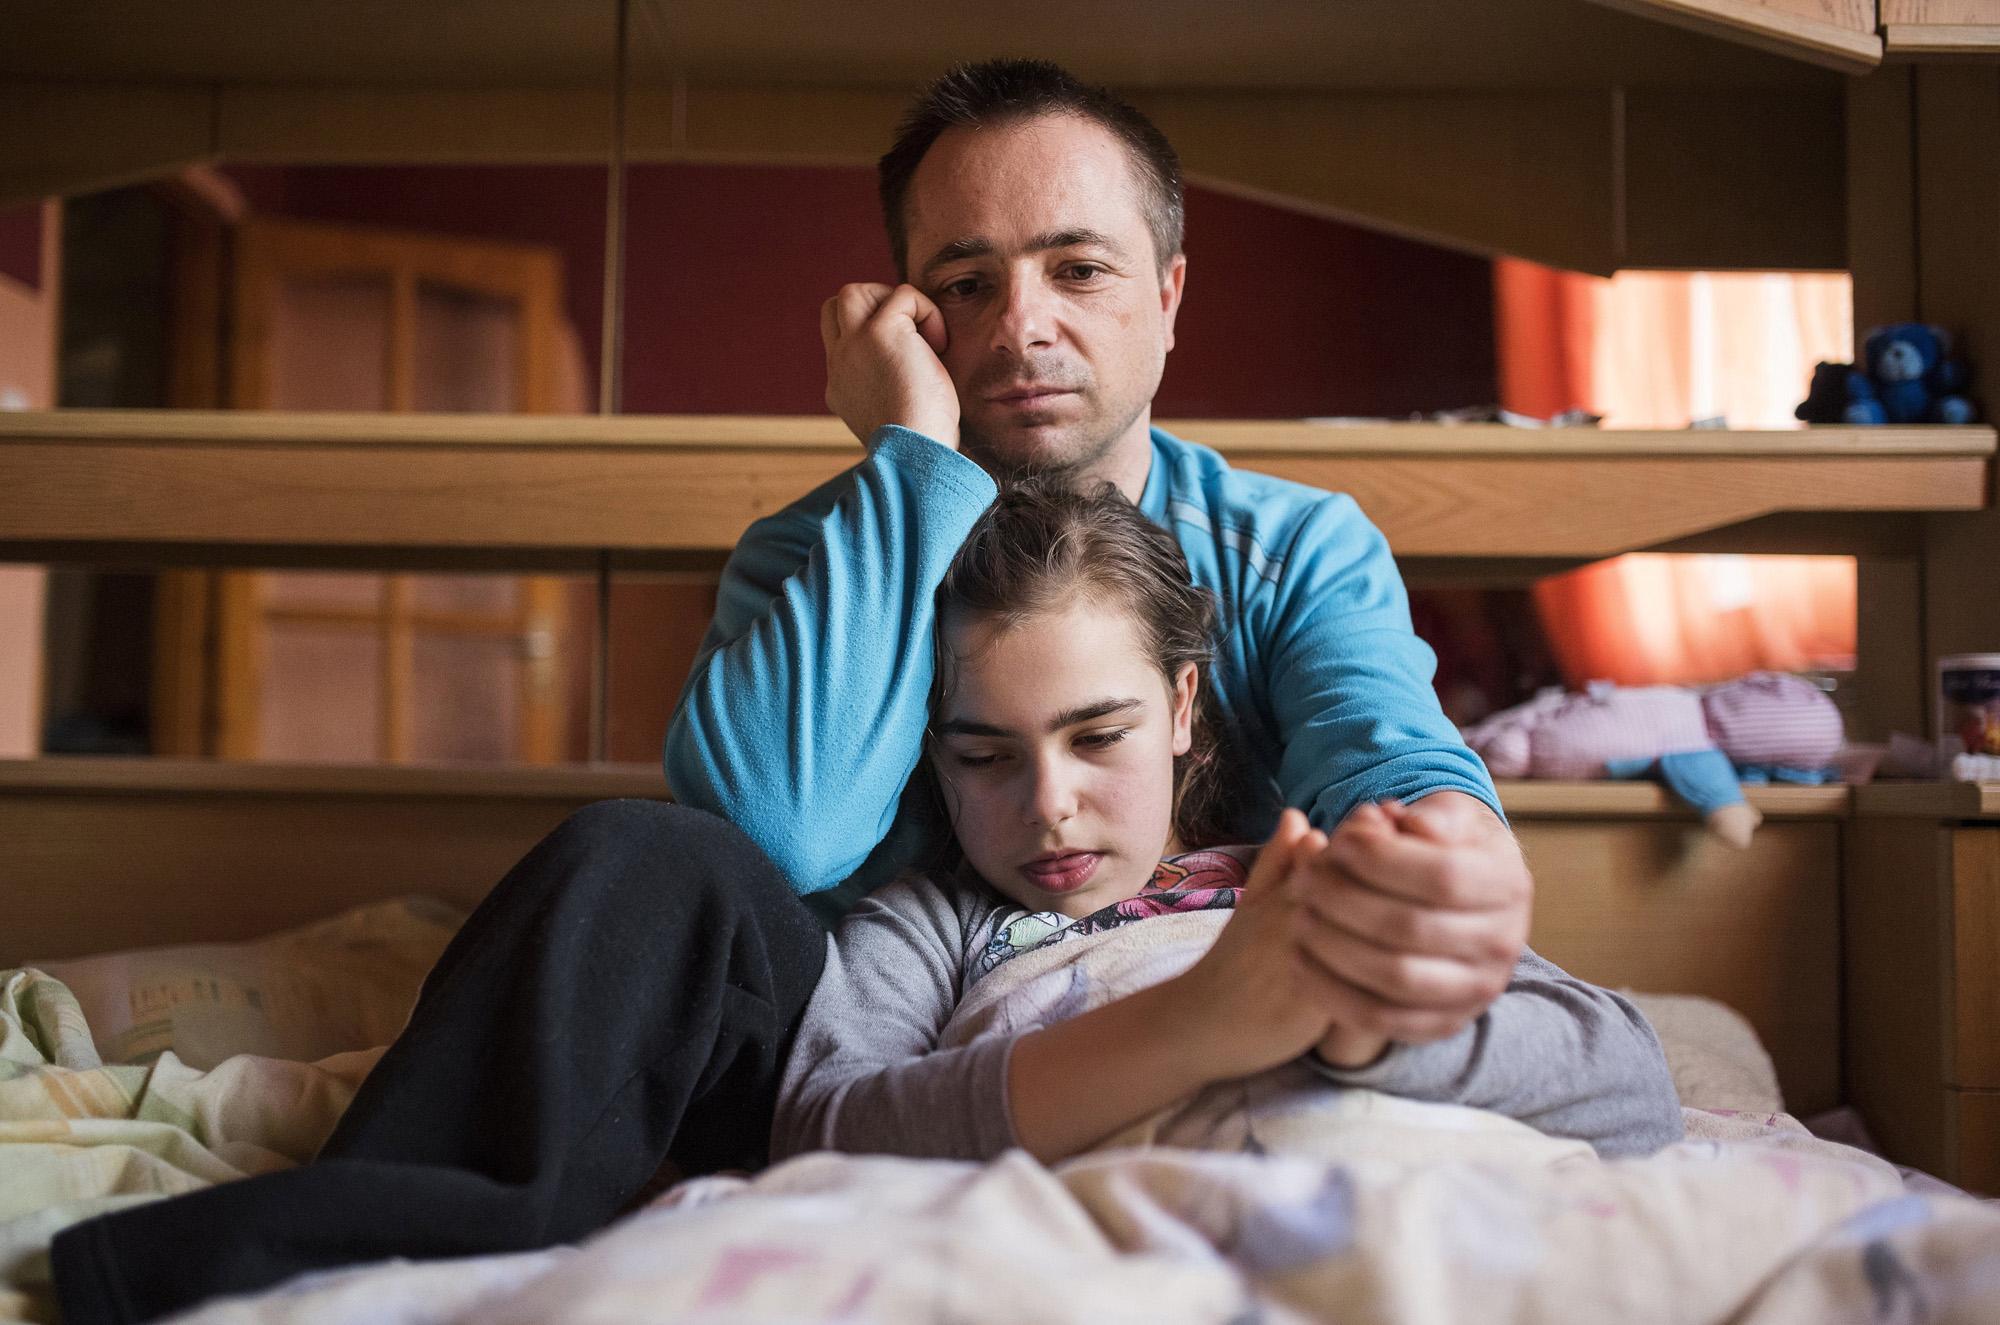 Nyíregyháza, 2017. március 30.Farkas Árpád ül autizmus spektrumzavarral élő, aznap rohamoktól szenvedő lánya, Farkas Laura mellett nyíregyházi otthonukban 2017. március 23-án. Az állandó felügyeletet igénylő gyermek nevelésének nehézségei miatt a család felbomlott, a szülők elváltak. A két gyermekét egyedül nevelő Farkas Árpád korábban jól működő vállalkozásaira nem tudott elég időt fordítani, így az egykor jó körülmények között élő család anyagi helyzete megváltozott. A férfi alapító elnöke az autista gyerekek szülői szervezetének, a 2014 tavaszán bejegyzett Most Élsz Egyesületnek, amely folyamatosan keresi a gyógyítás újabb és újabb lehetőségeit.MTI Fotó: Balázs Attila